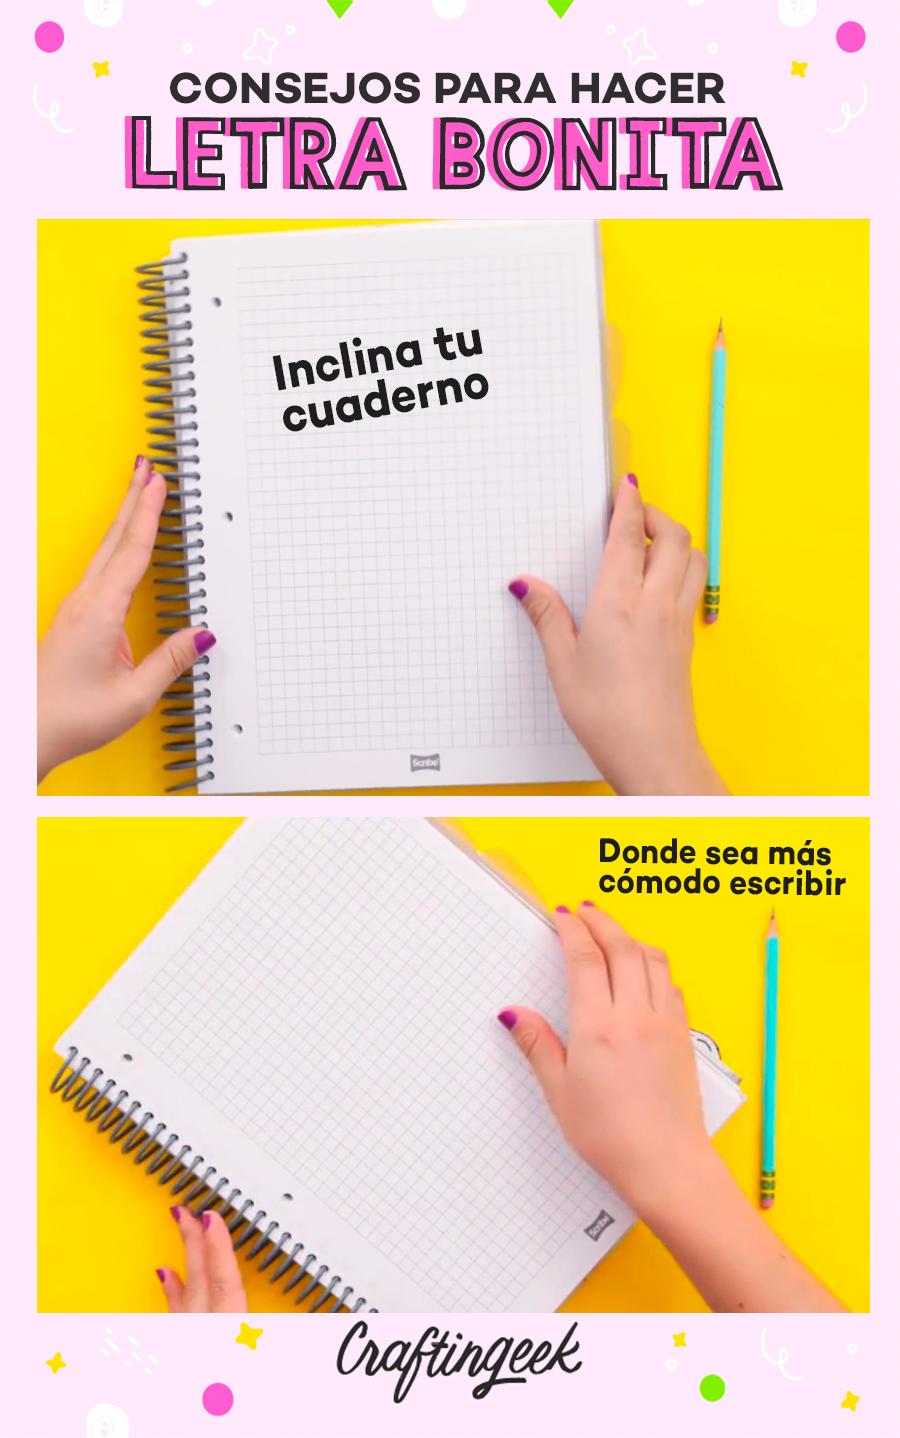 Consejos para mejorar tu letra: Inclina tu cuaderno hasta donde te sientas cómodx escribiendo